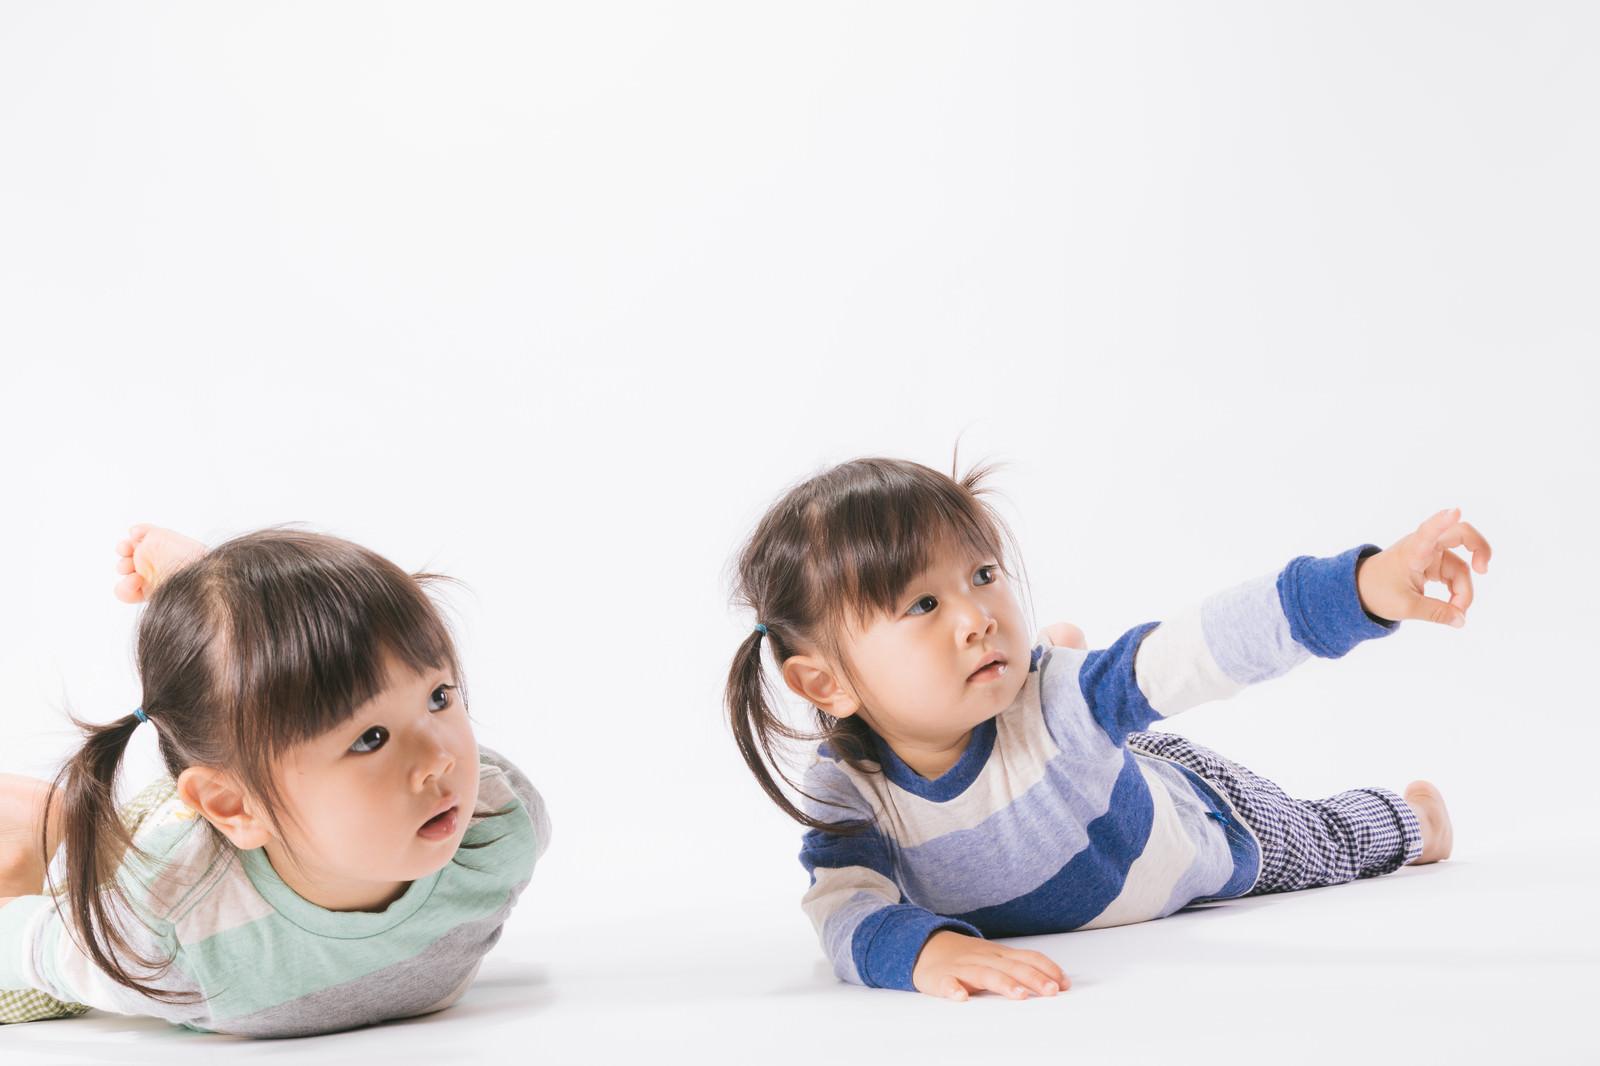 「言うことを聞かない双子も興味津々なご様子言うことを聞かない双子も興味津々なご様子」[モデル:あおみどり]のフリー写真素材を拡大